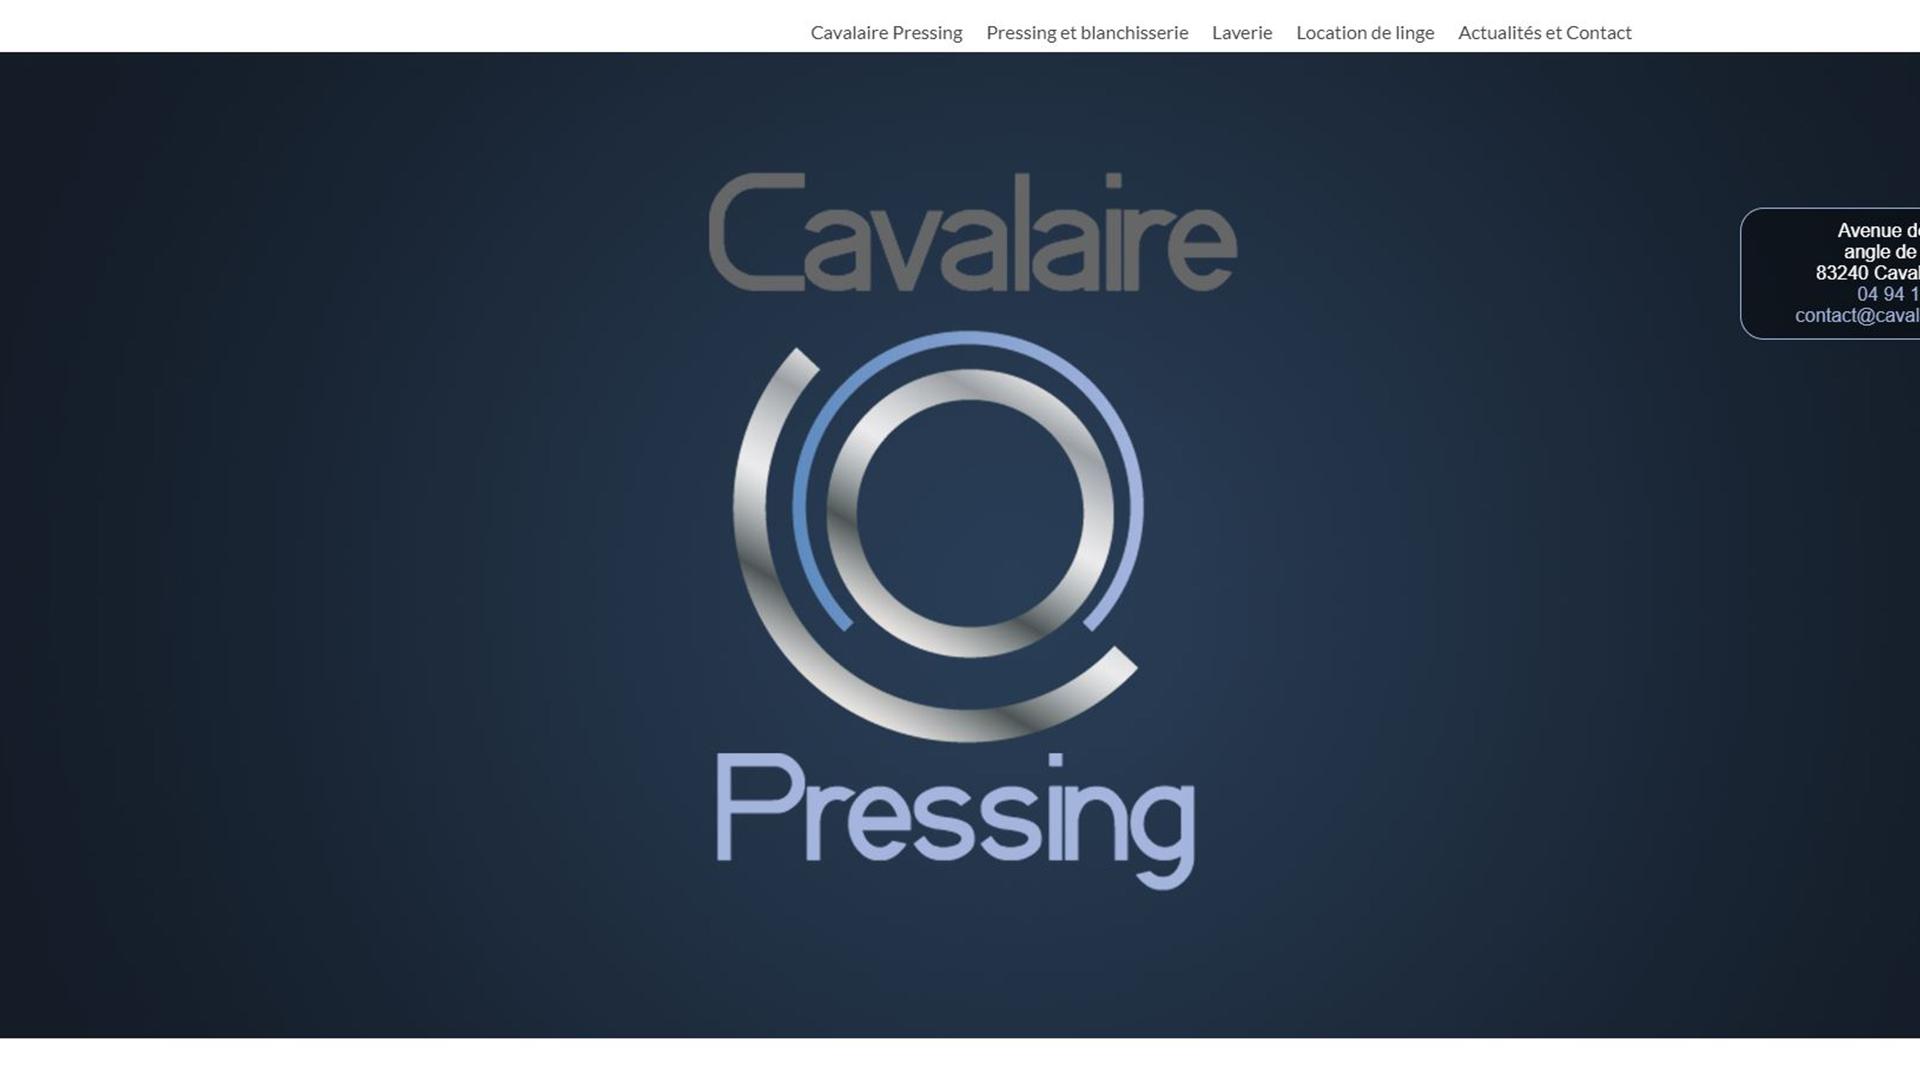 graphiste imprimeur Cogolin-impression numerique Cogolin-graphisme Manduel-impression tous supports Saint-Raphael-infographie Cogolin